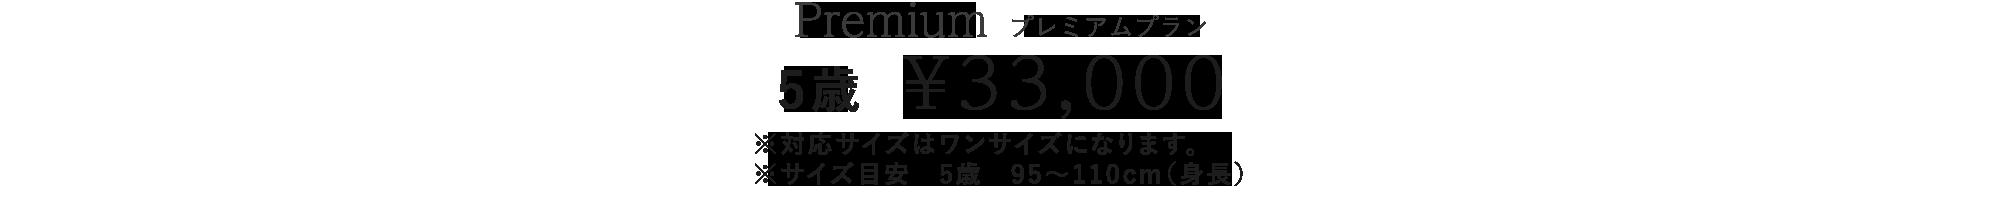 5歳33,000円プラン